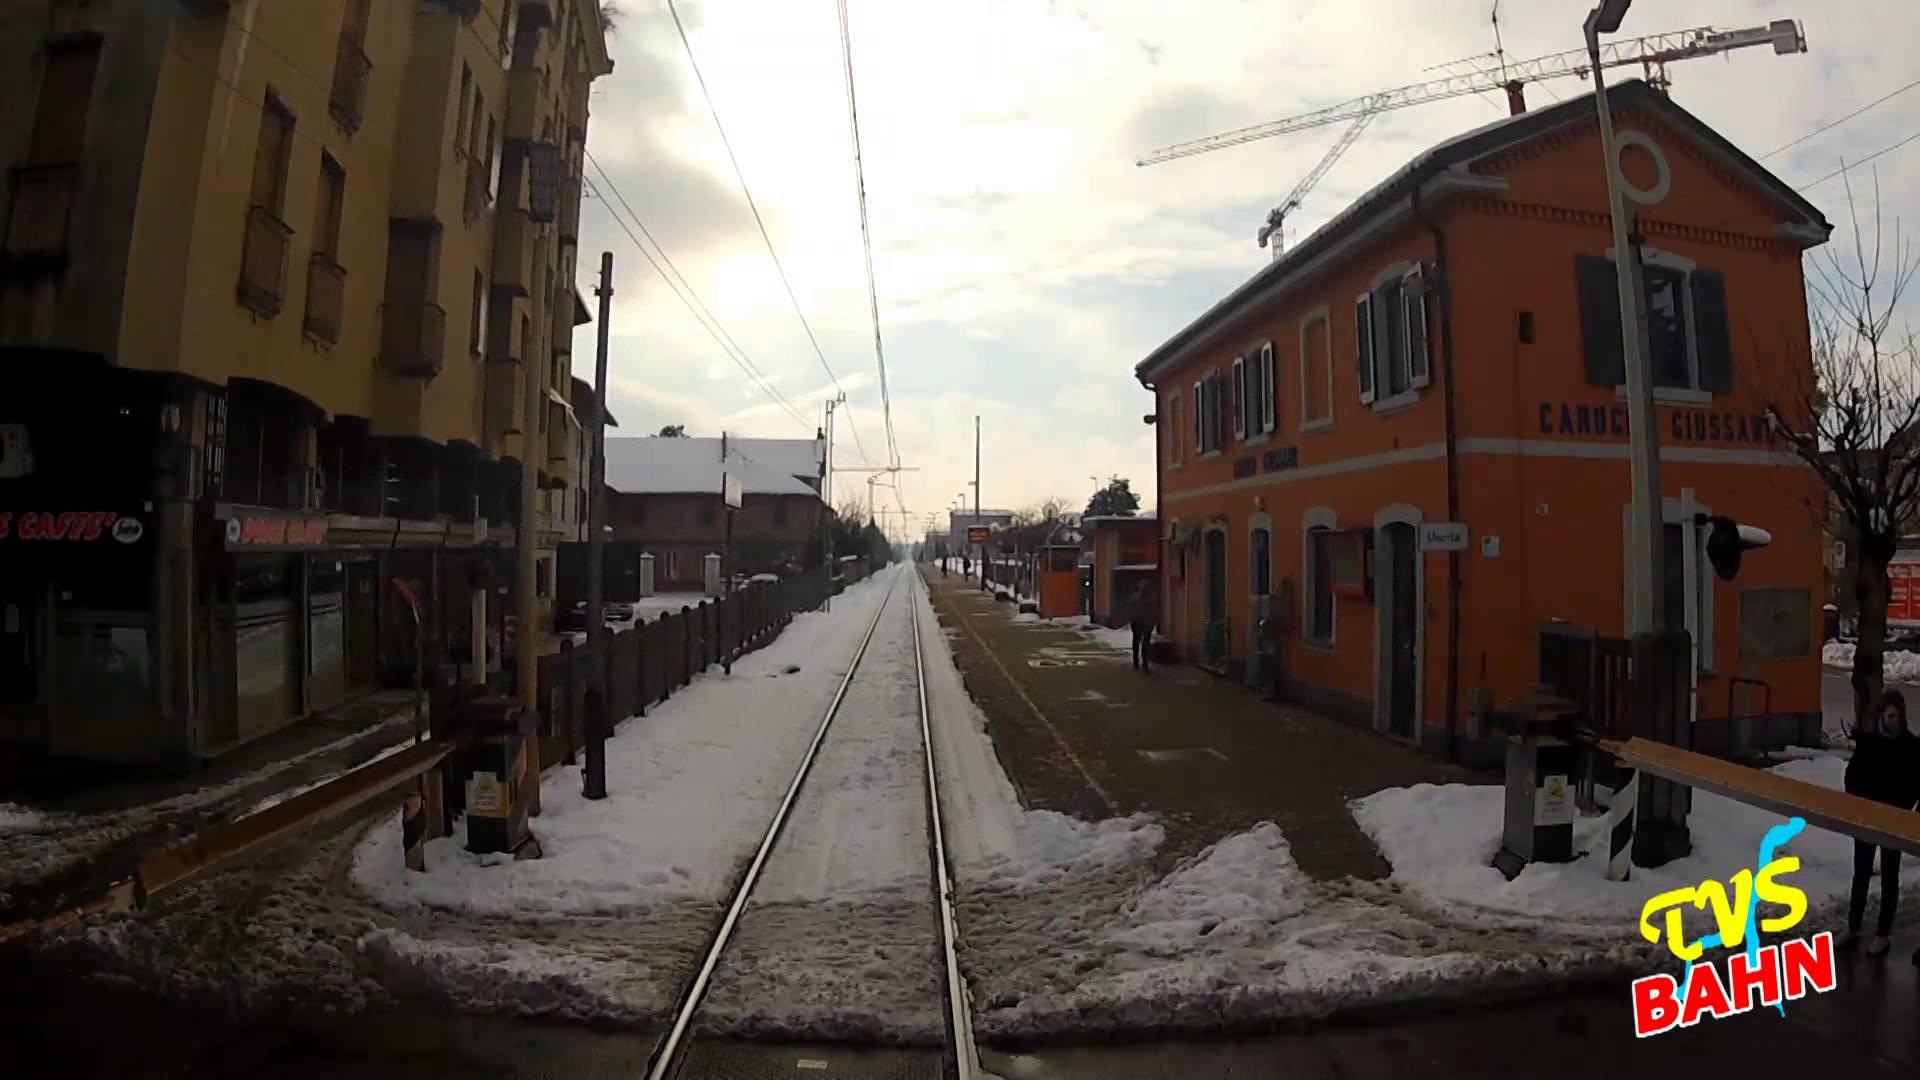 TRENORD CAB RIDE – Linea Asso Milano sotto la neve / unter Schnee – febbraio 2013